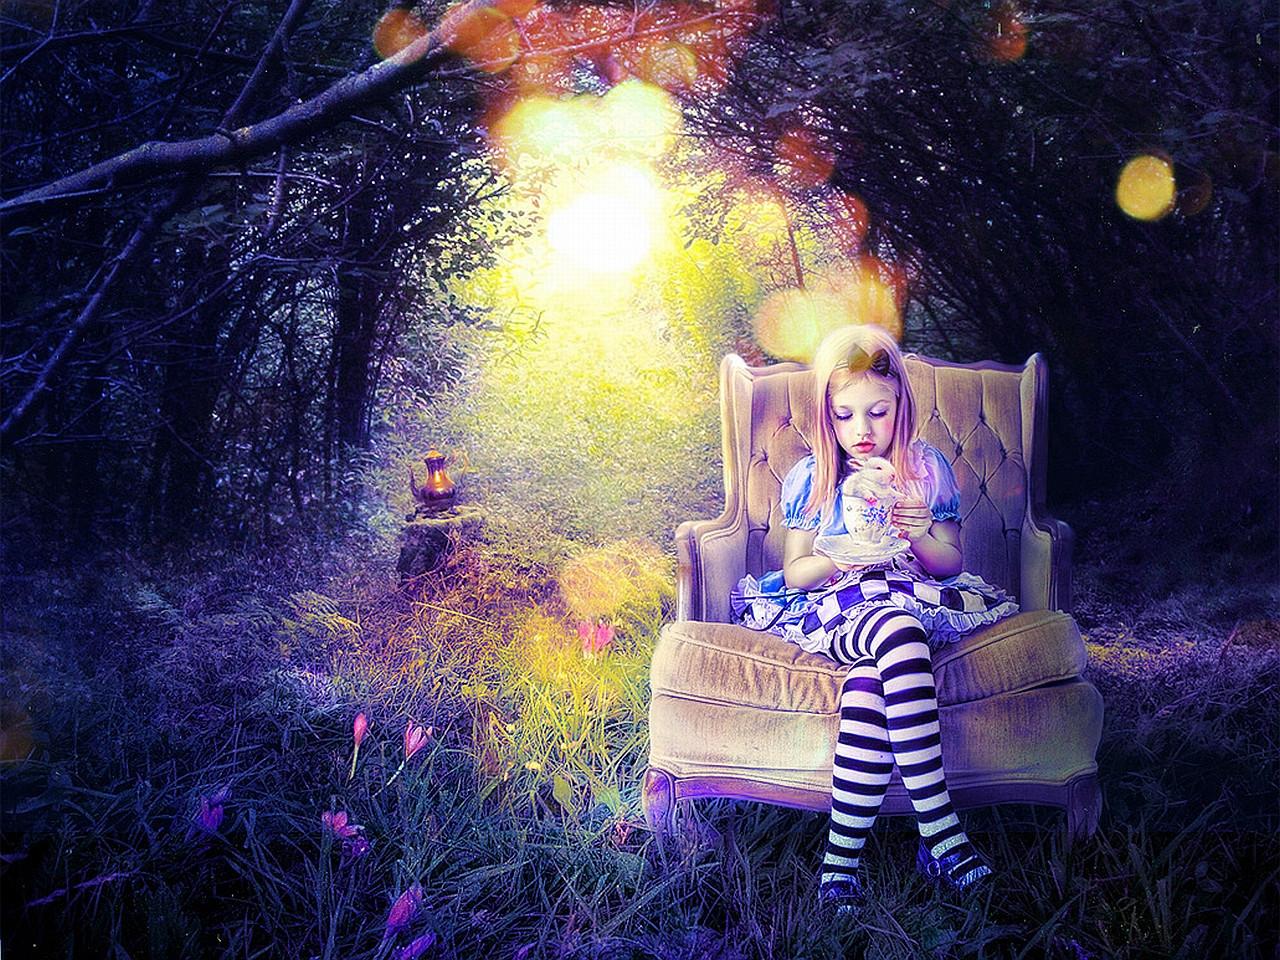 Alice In Wonderland Wallpapers 1280x960